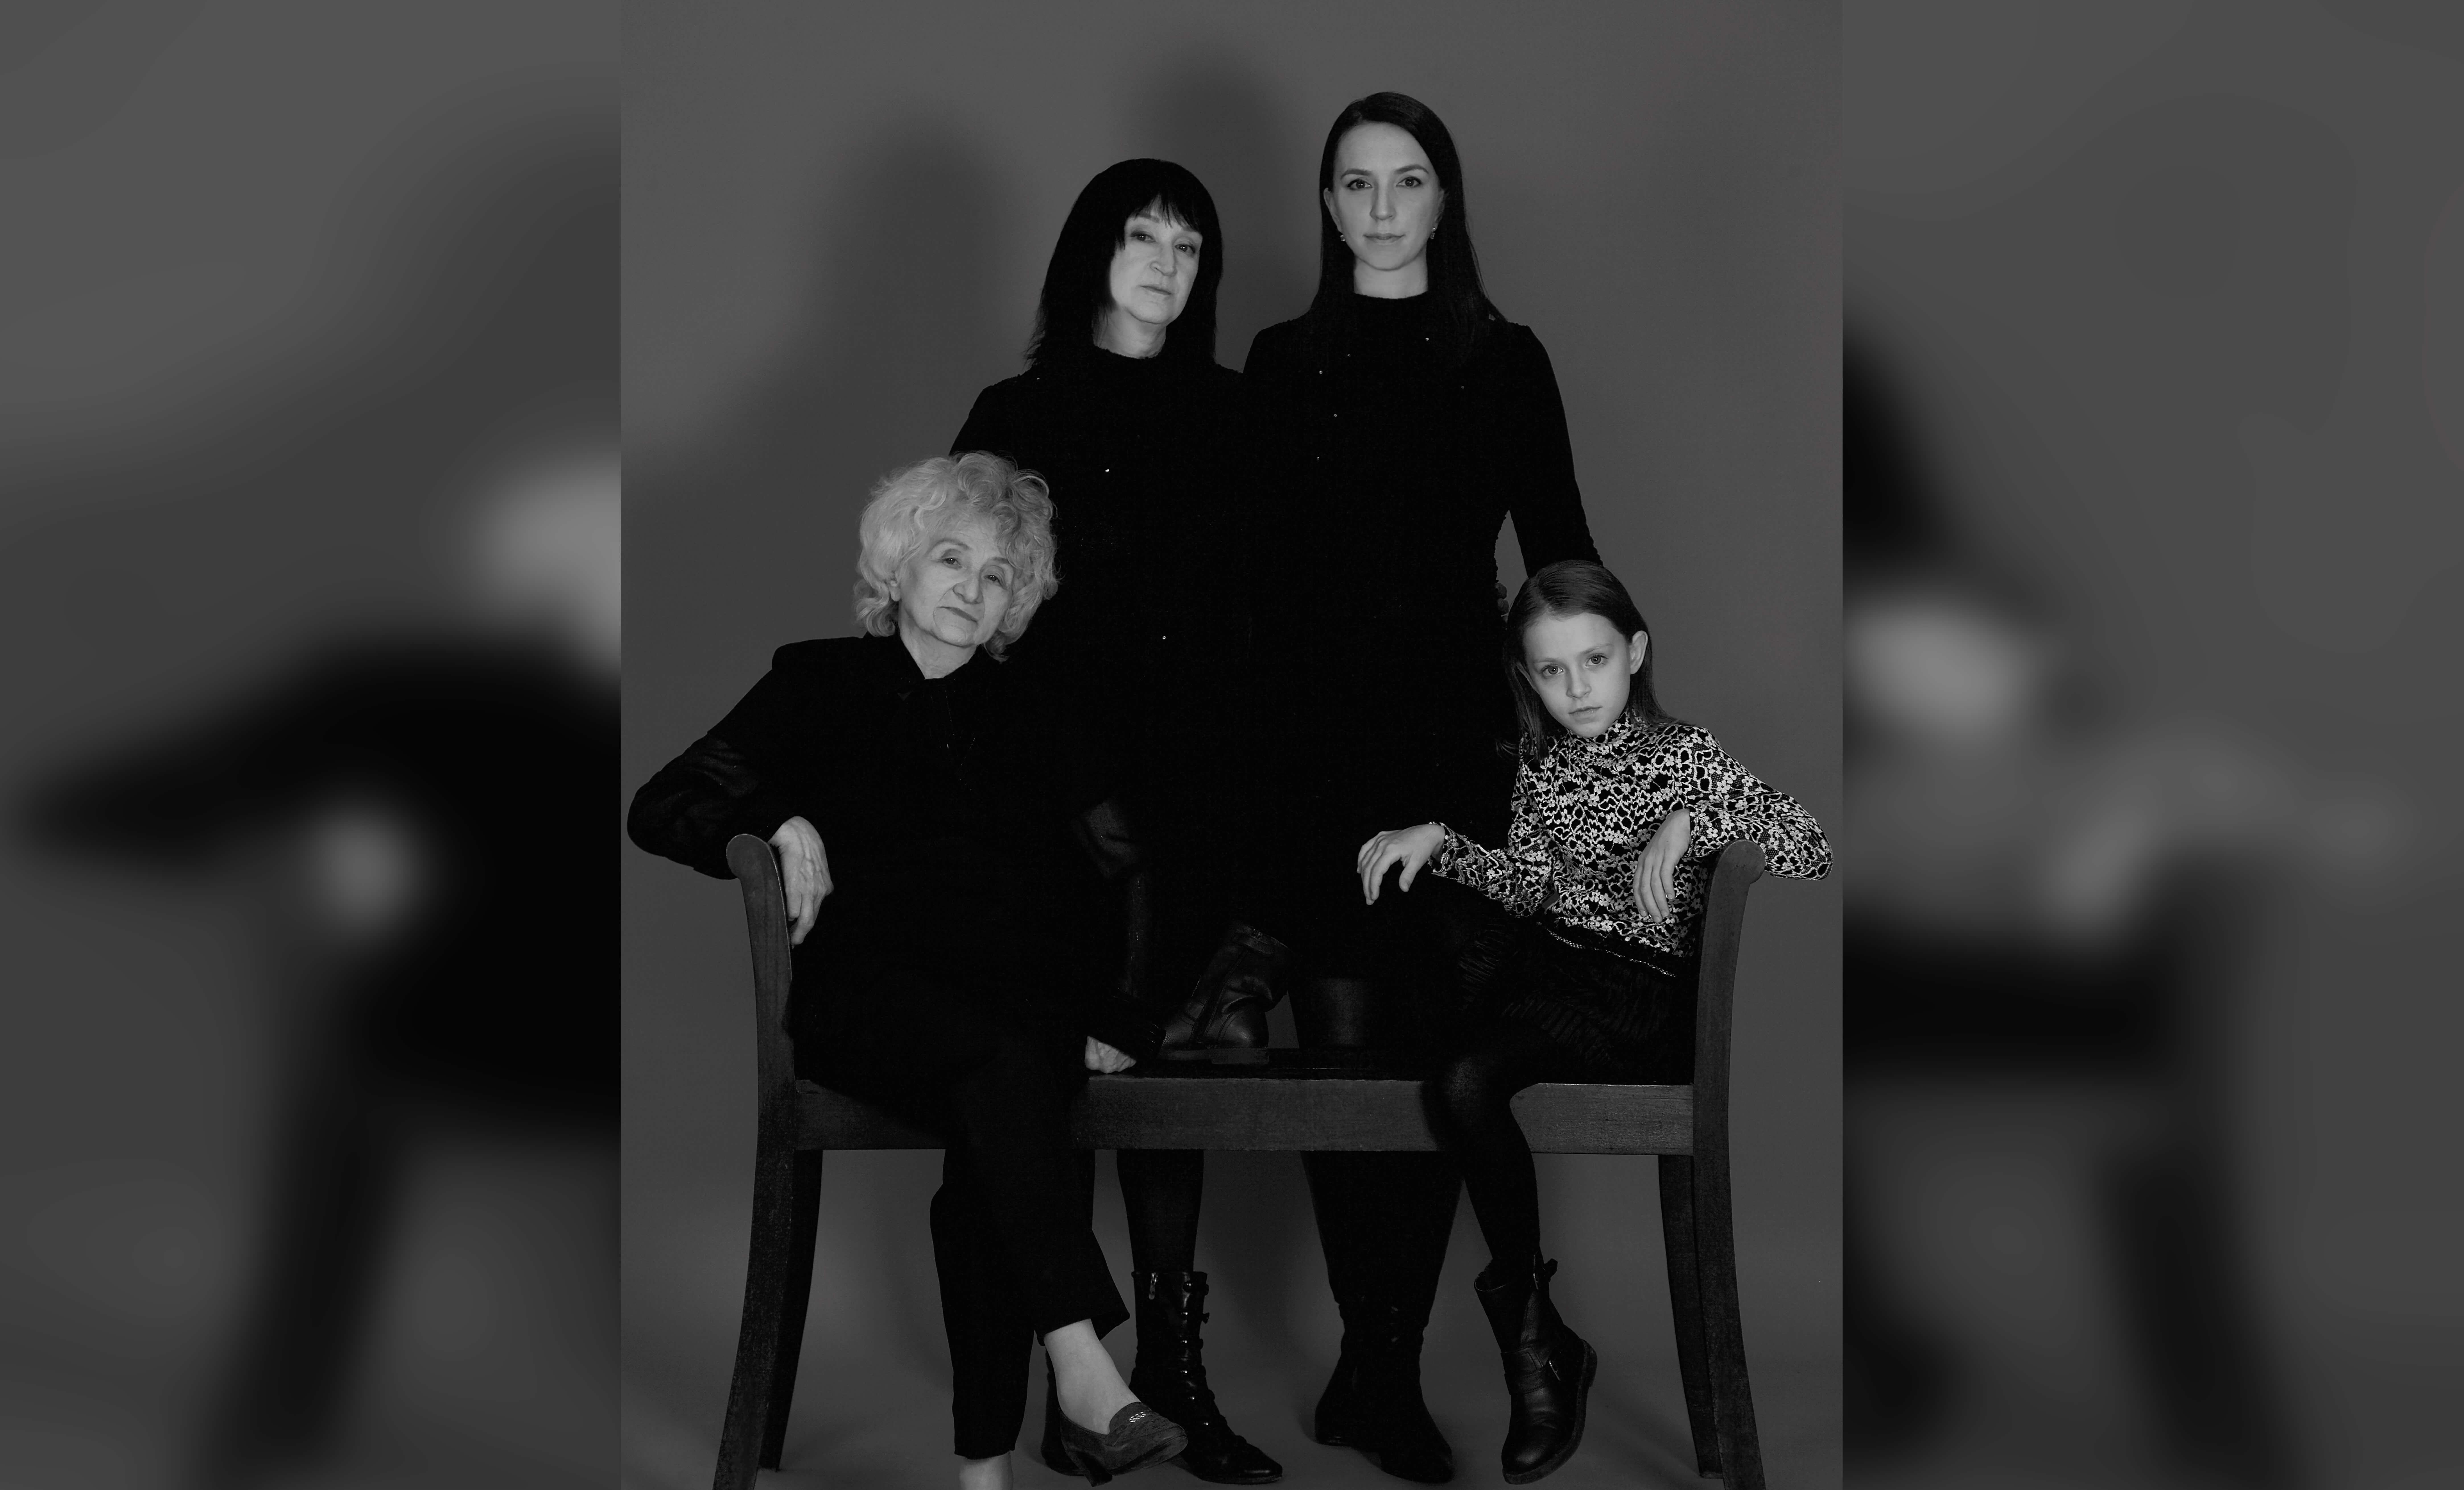 Pereettevõte – kellele ja miks? 4